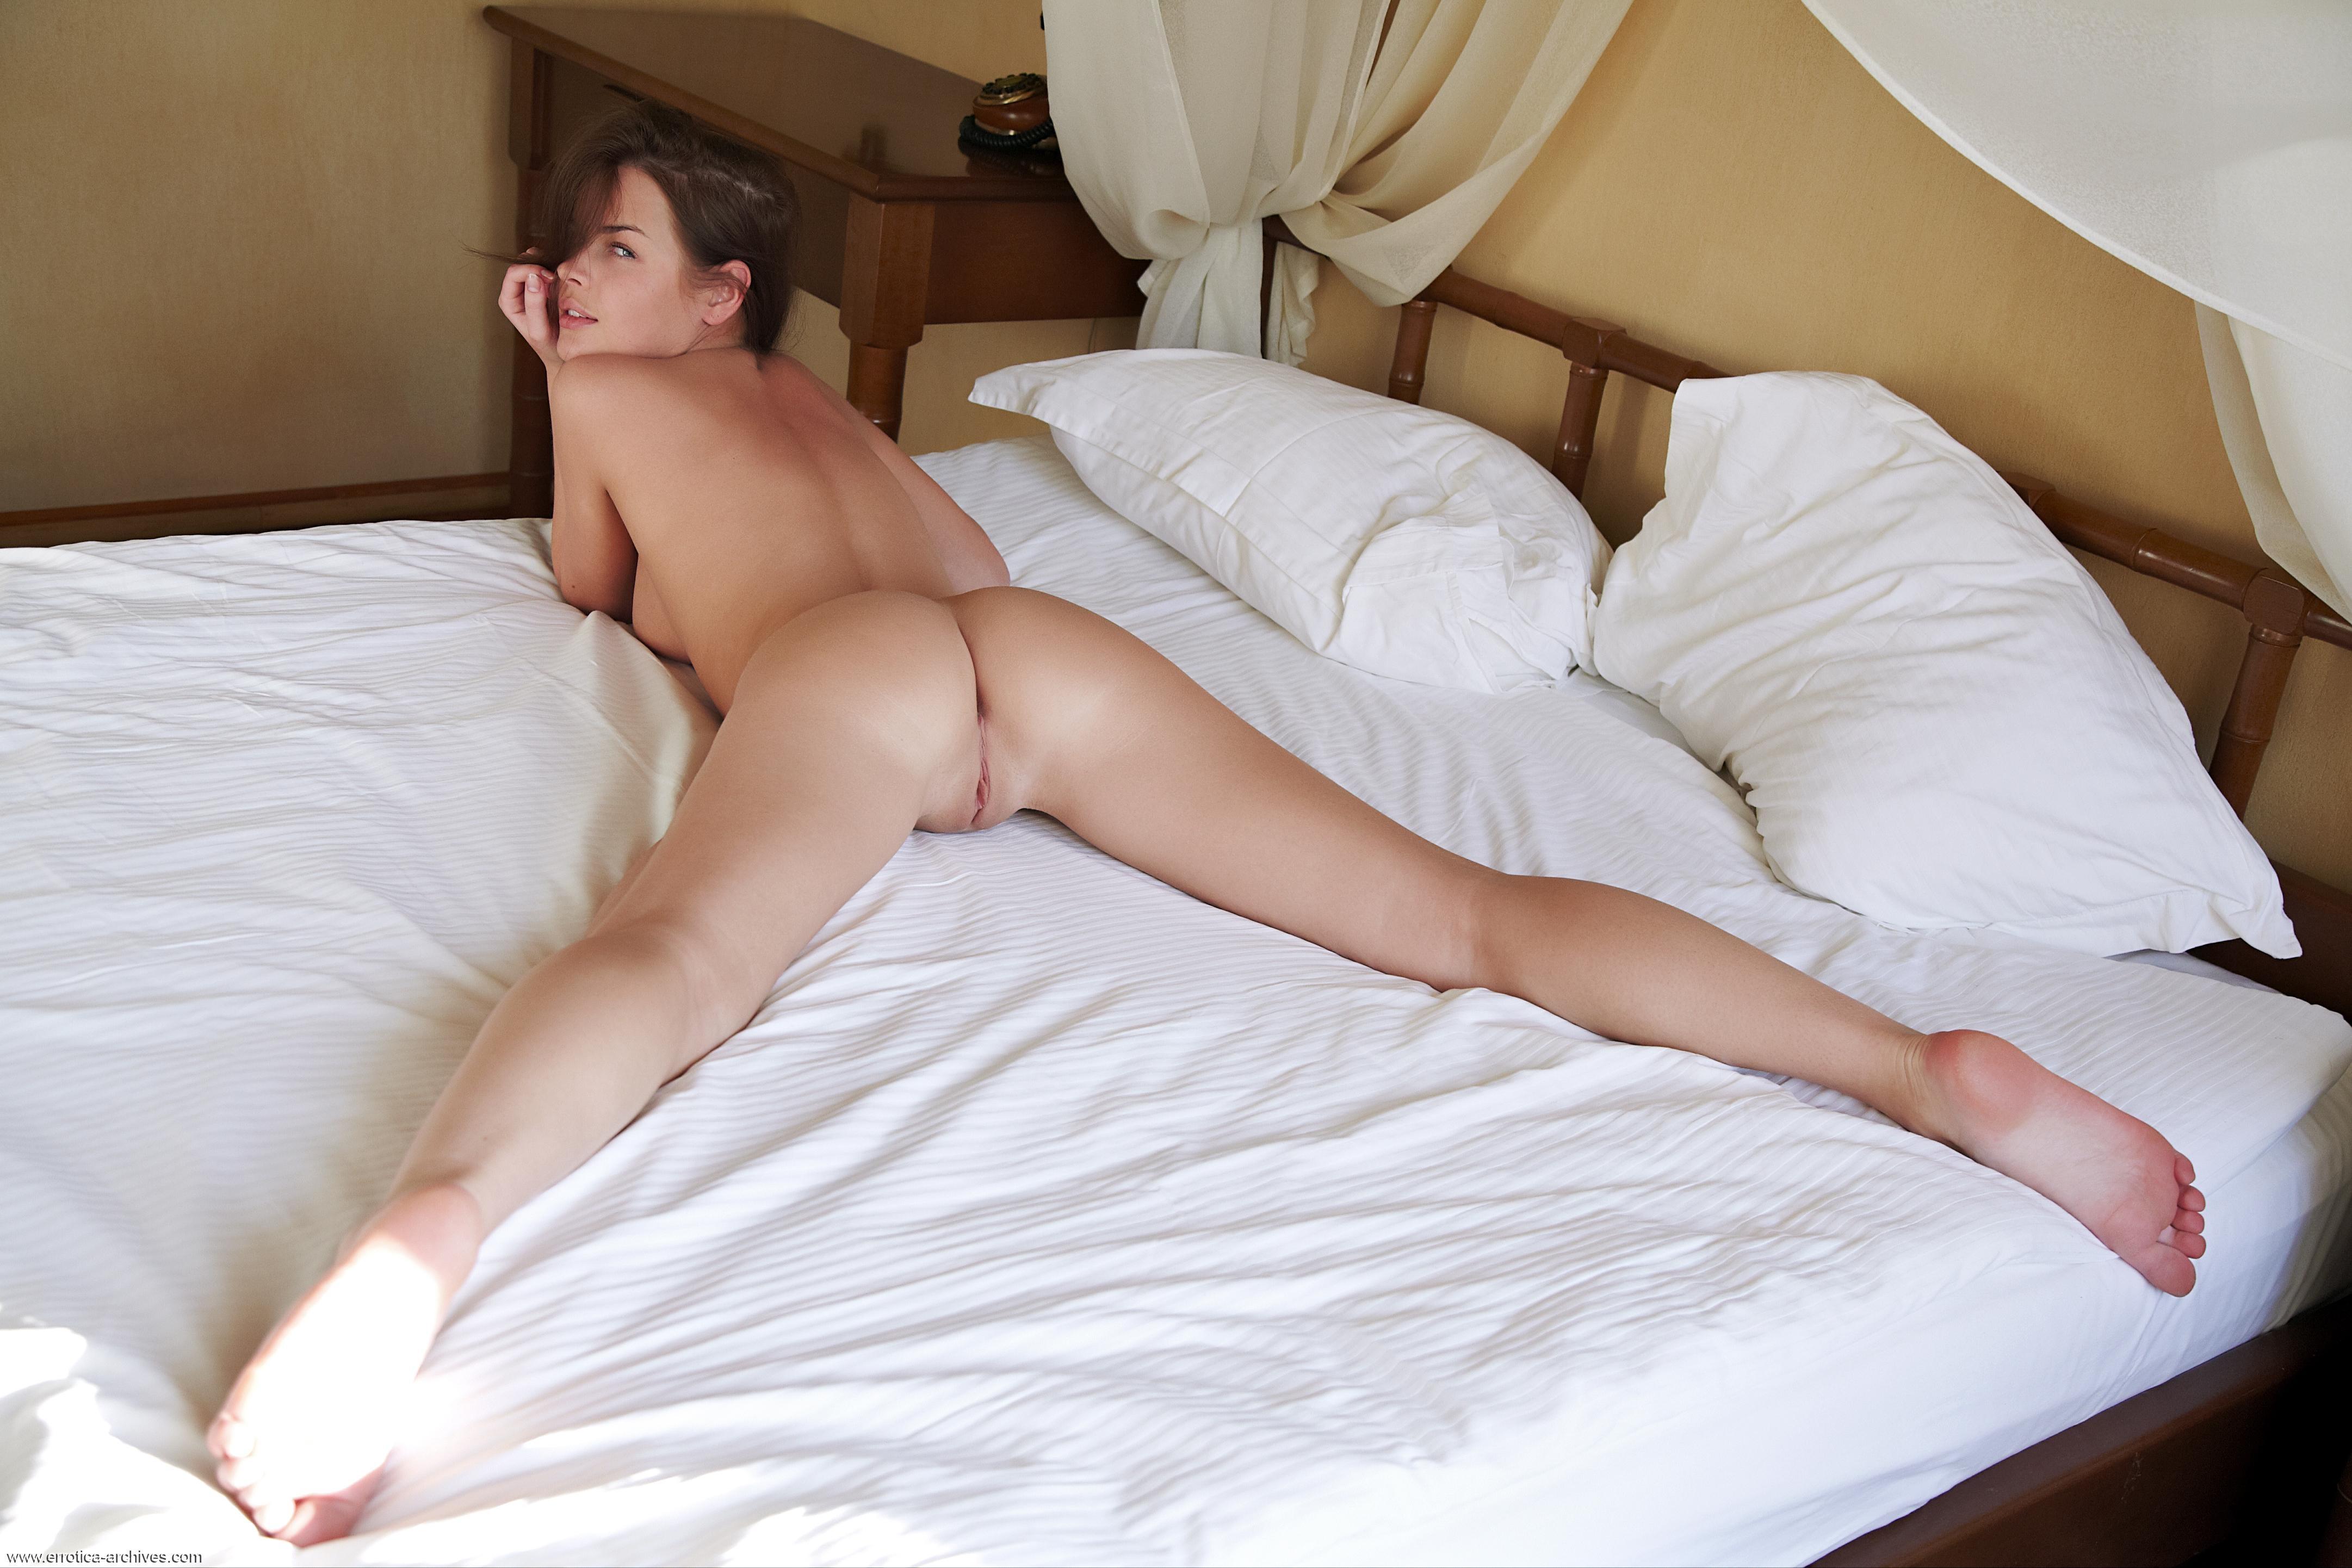 Фото эротика голая девушка на кровати с раздвинутыми ножками 11 фотография